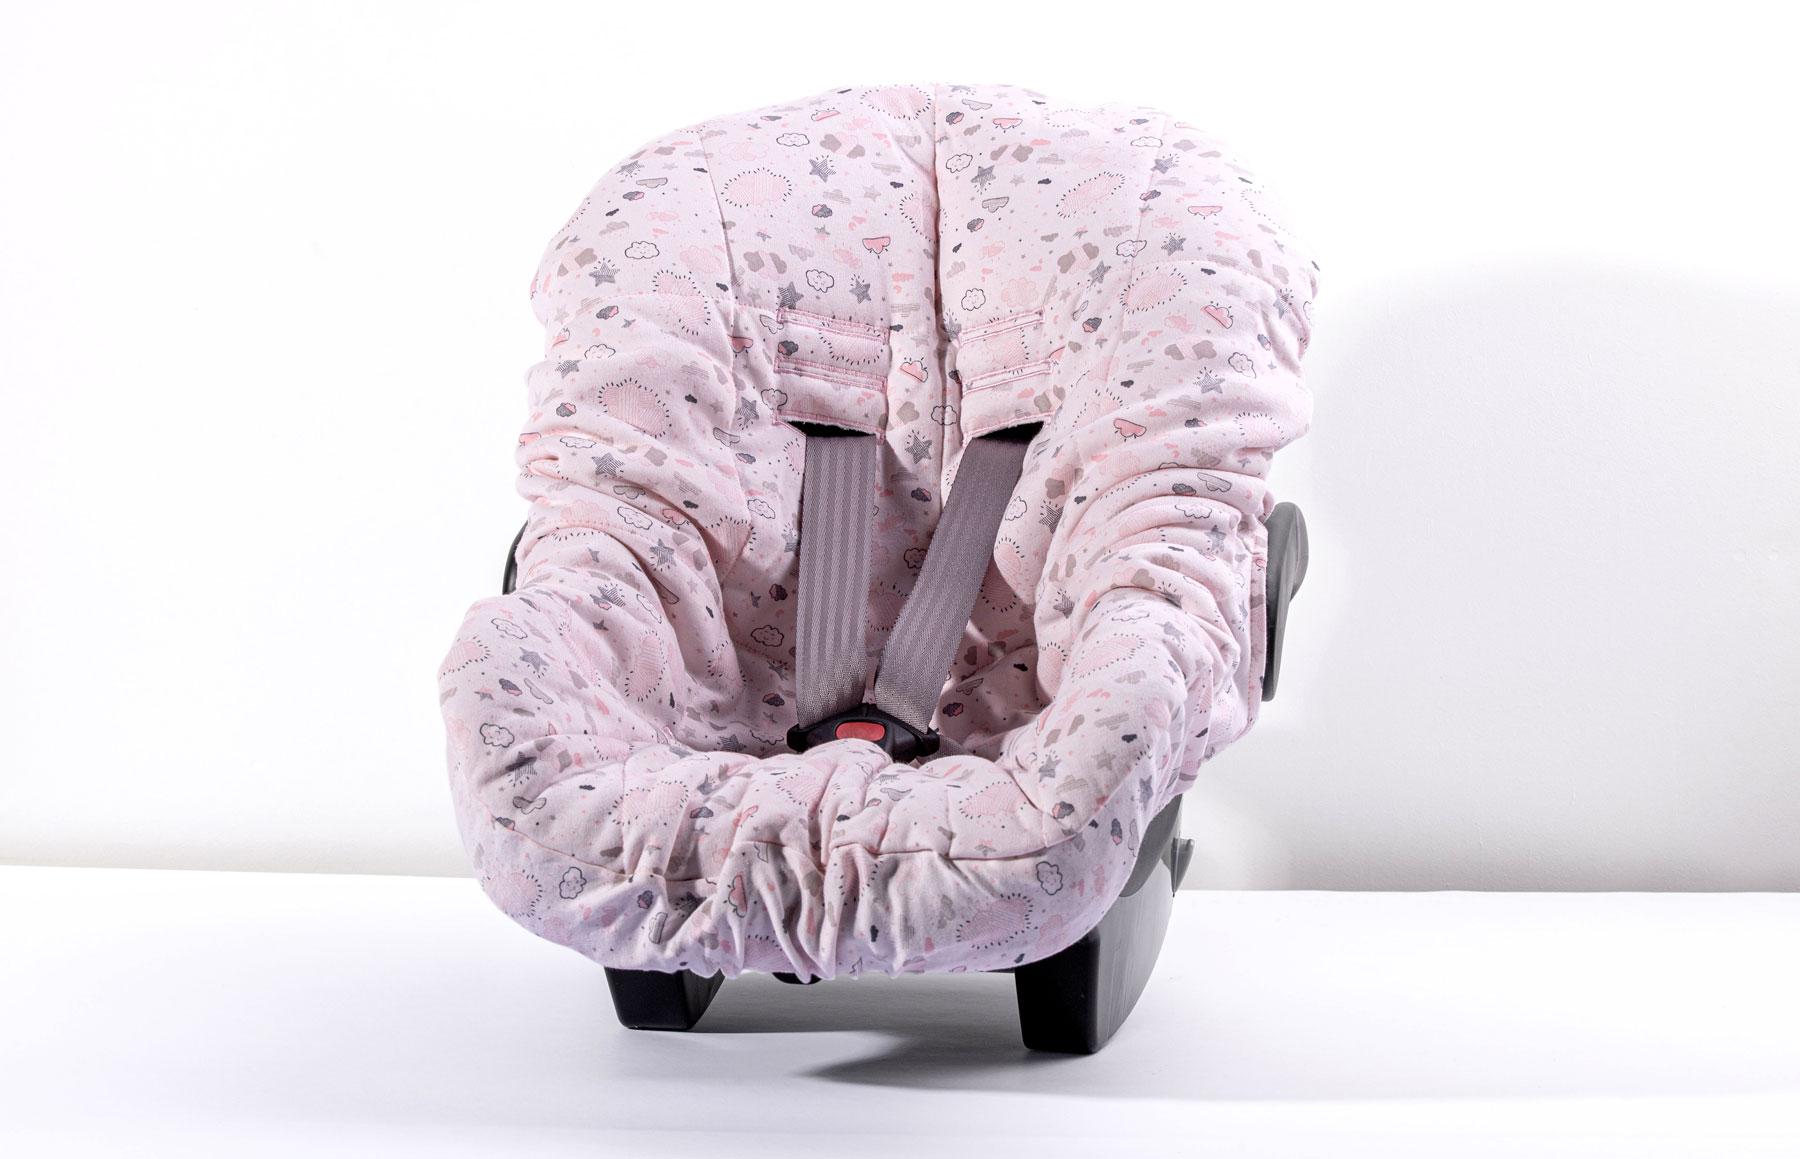 Capa De Bebê Conforto Névoa Rosa